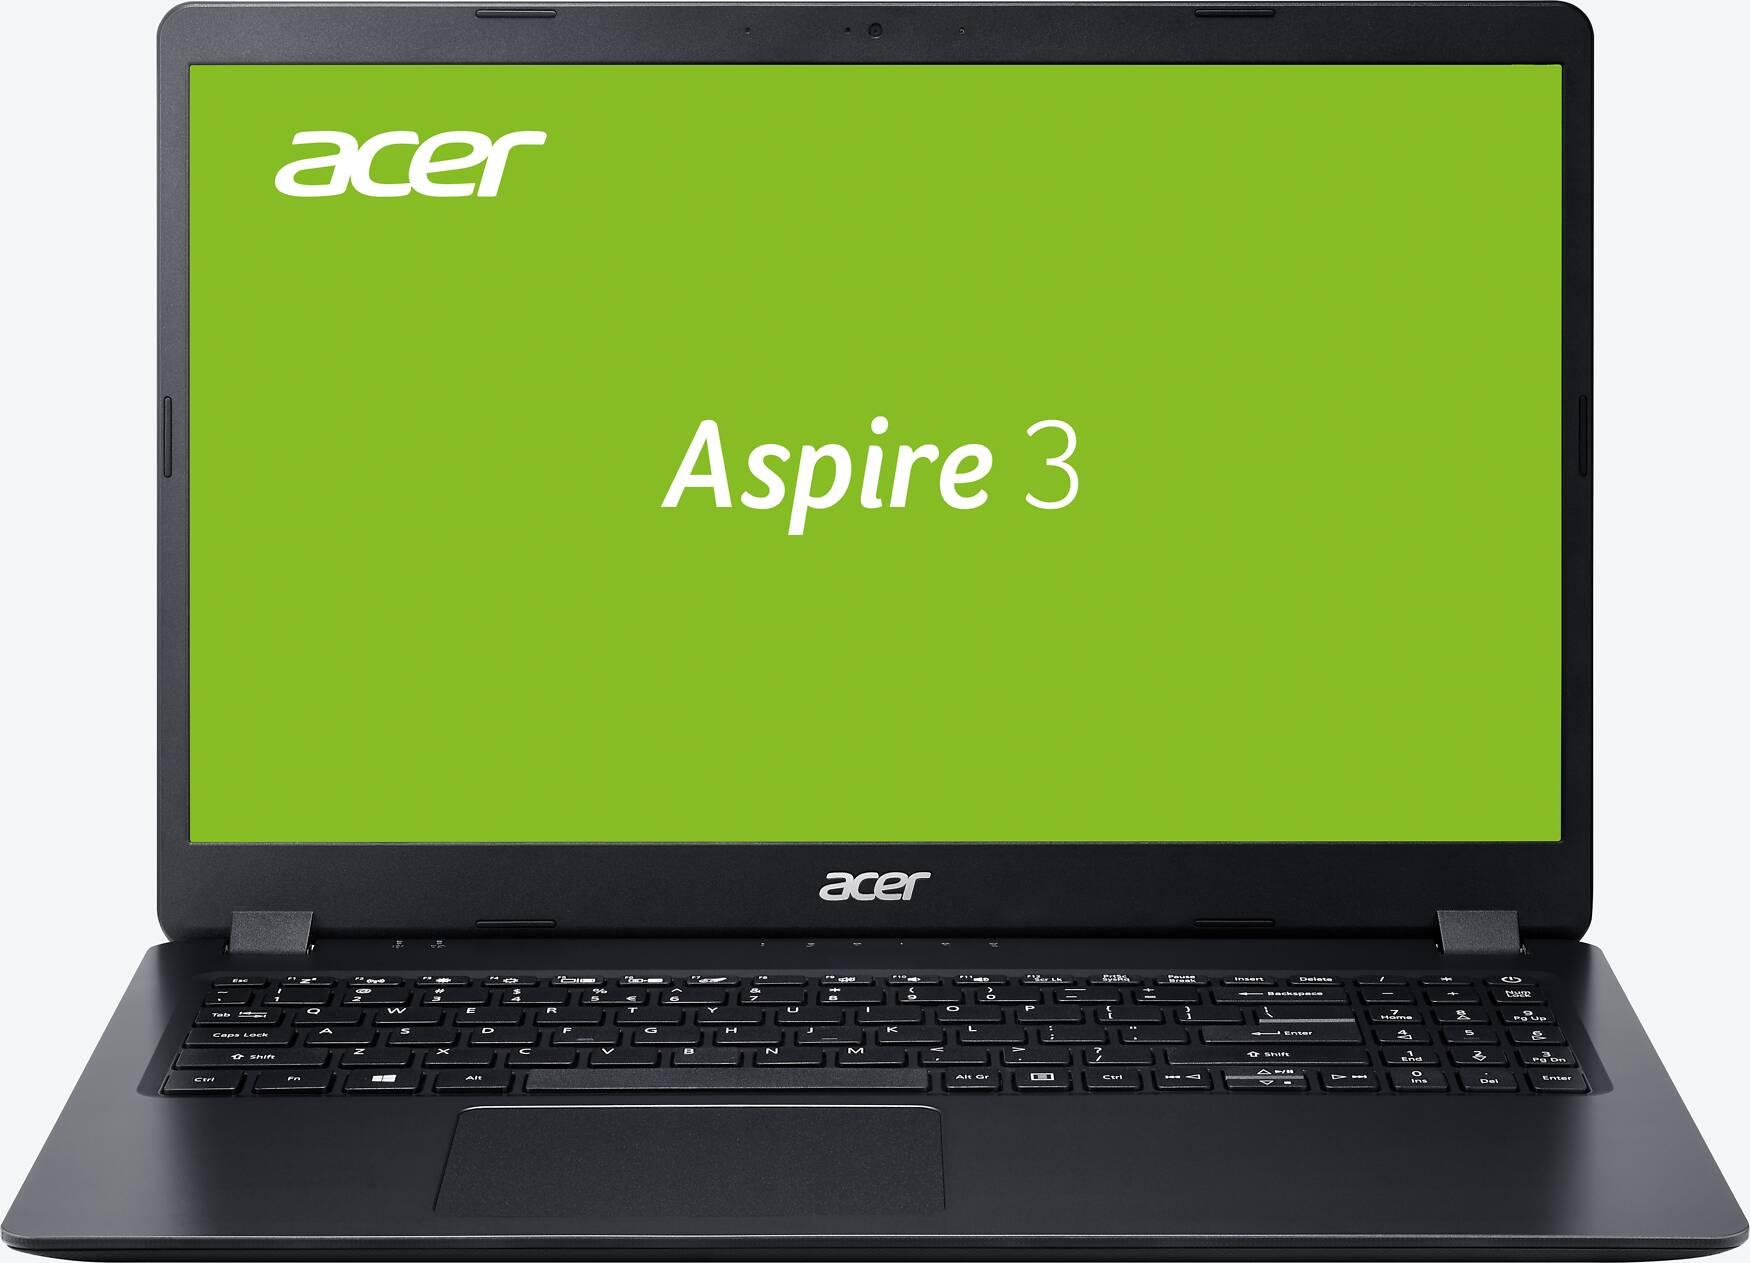 Acer Aspire 3 A315-42G-R3NM